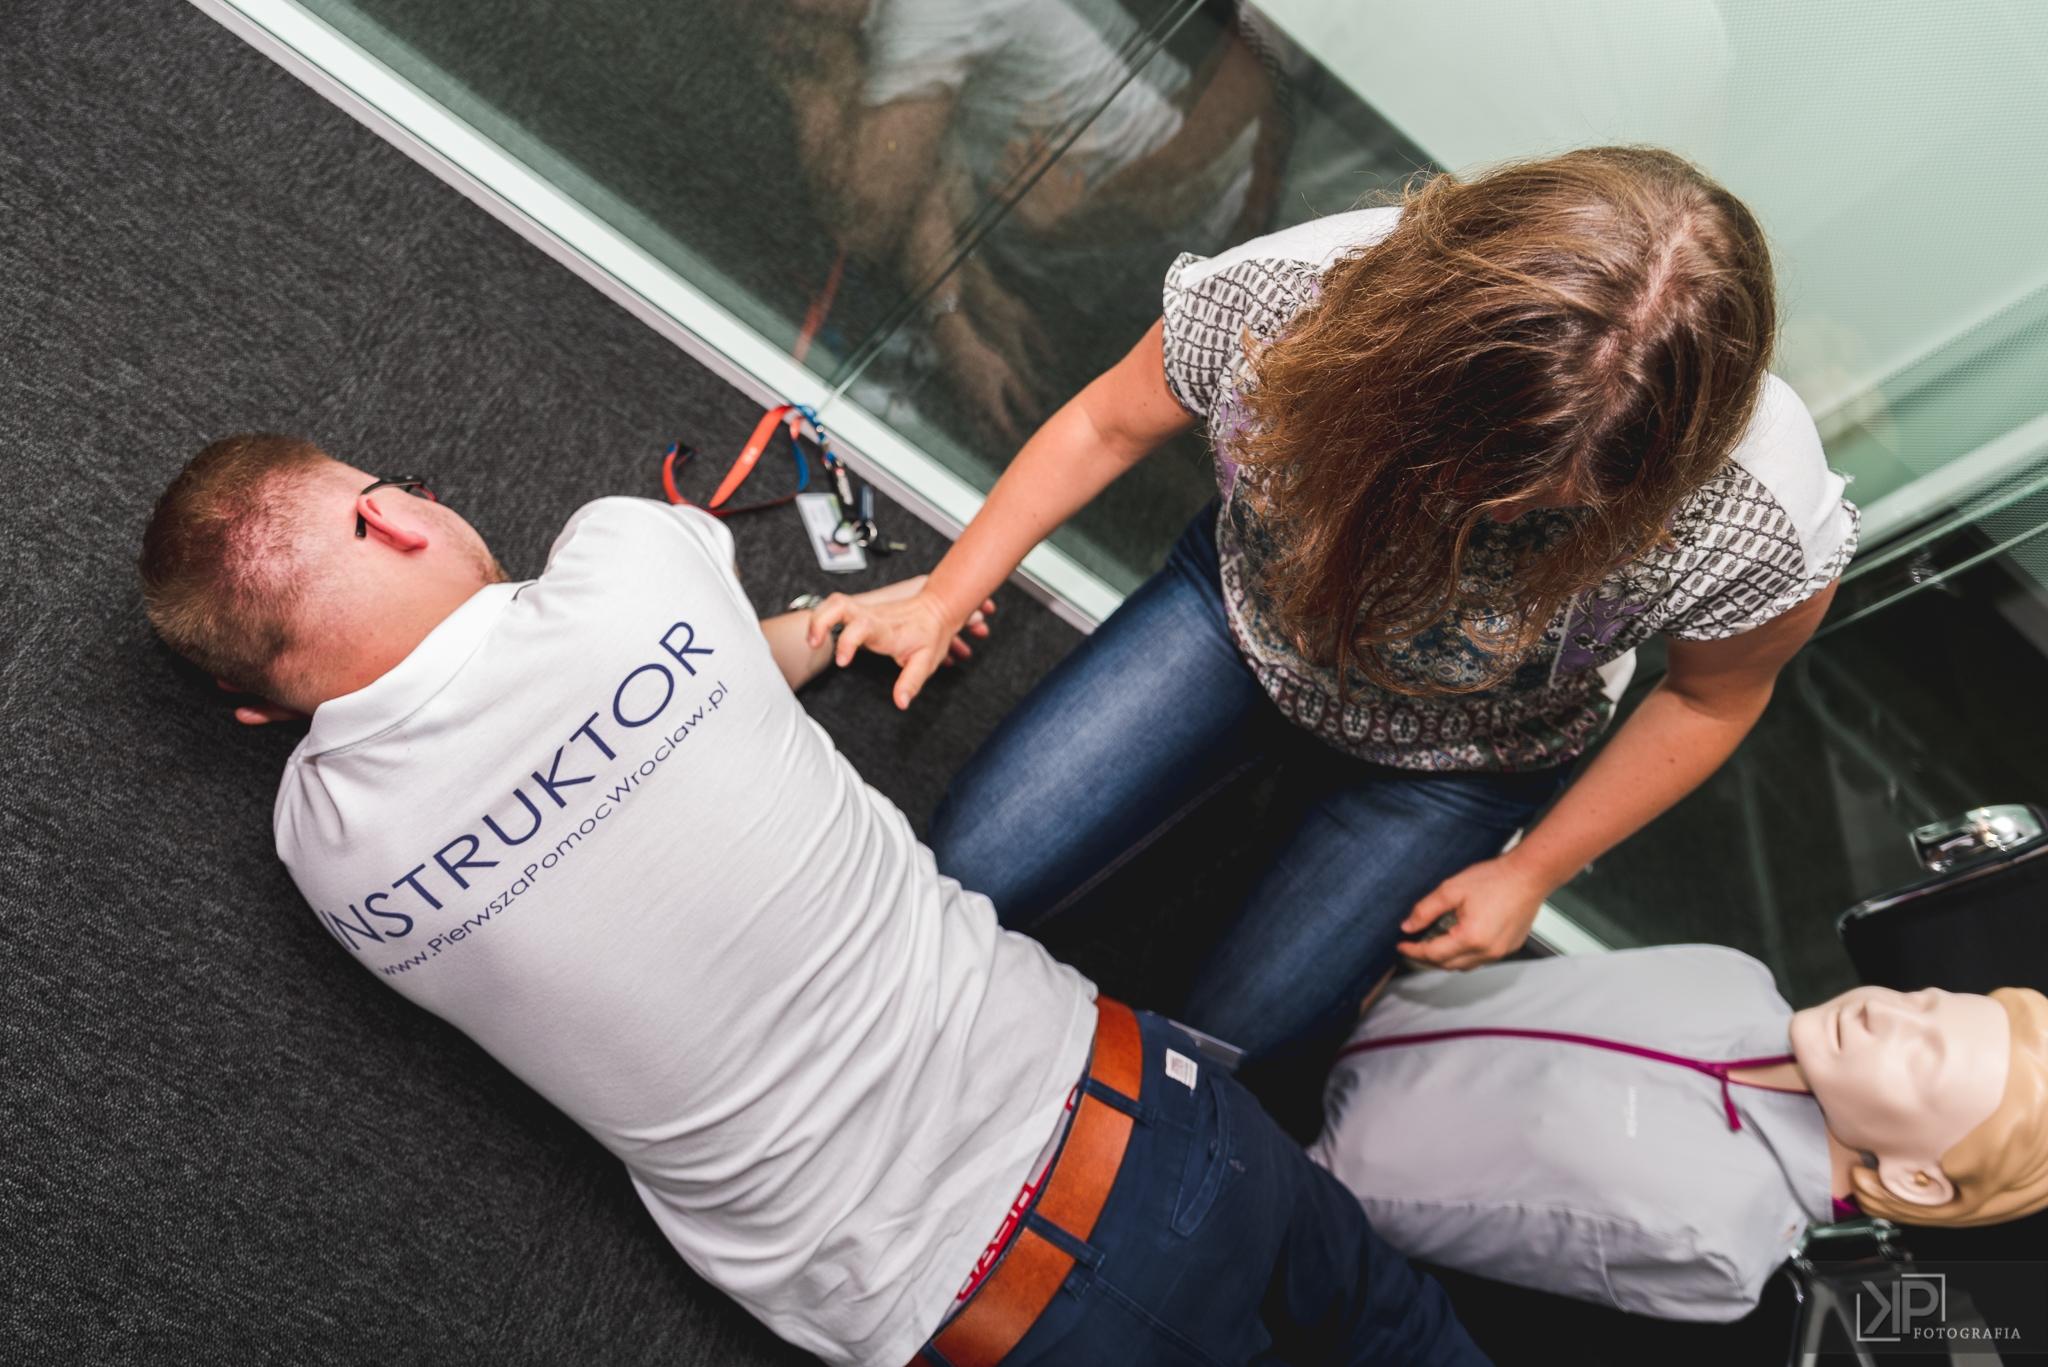 szkolenie pierwszej pomocy przedmedycznej